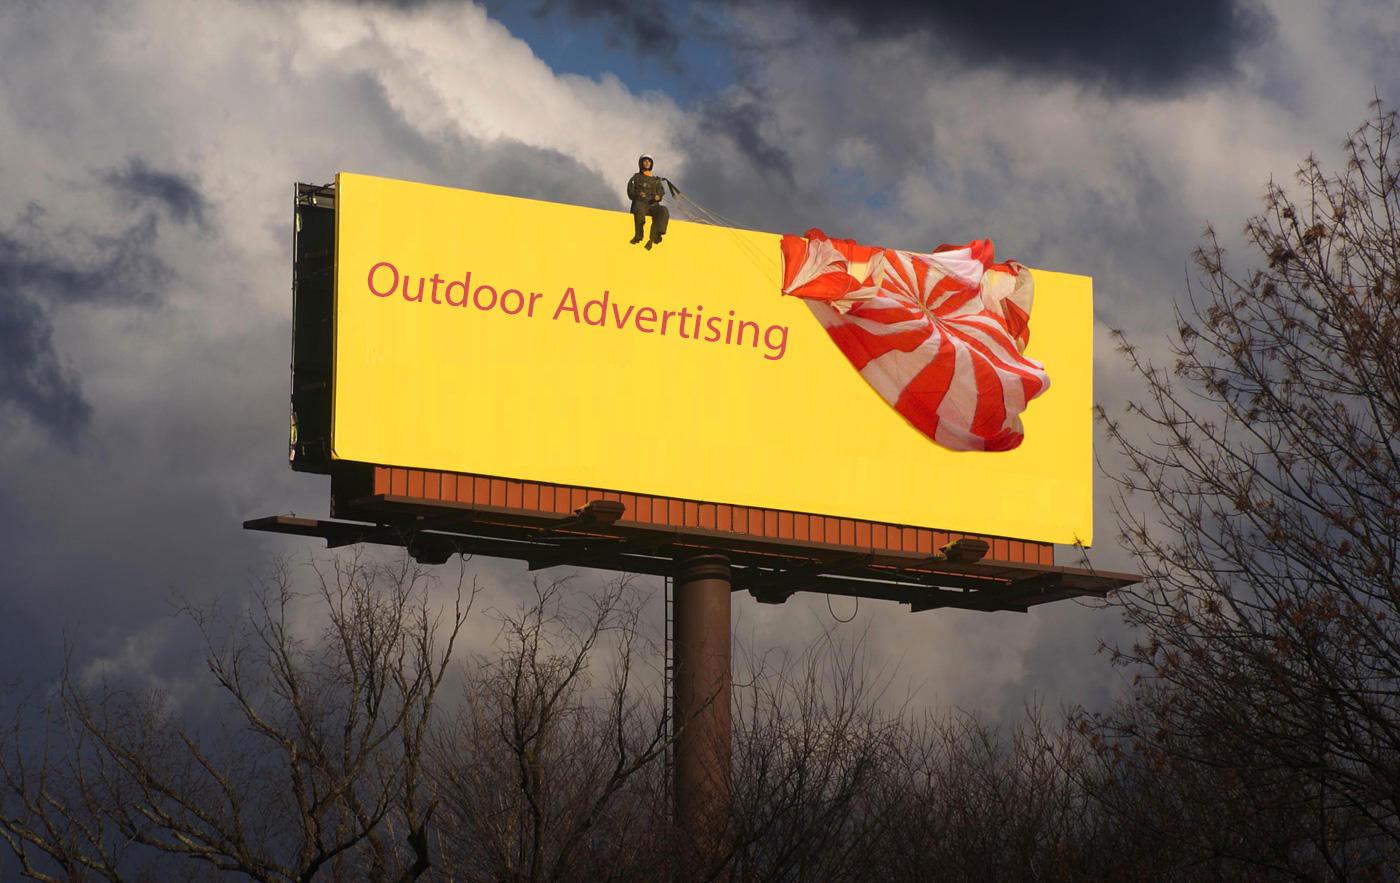 Ngạc nhiên với hiệu quả của OOH, Quảng cáo Pano, billboard ngoài trời